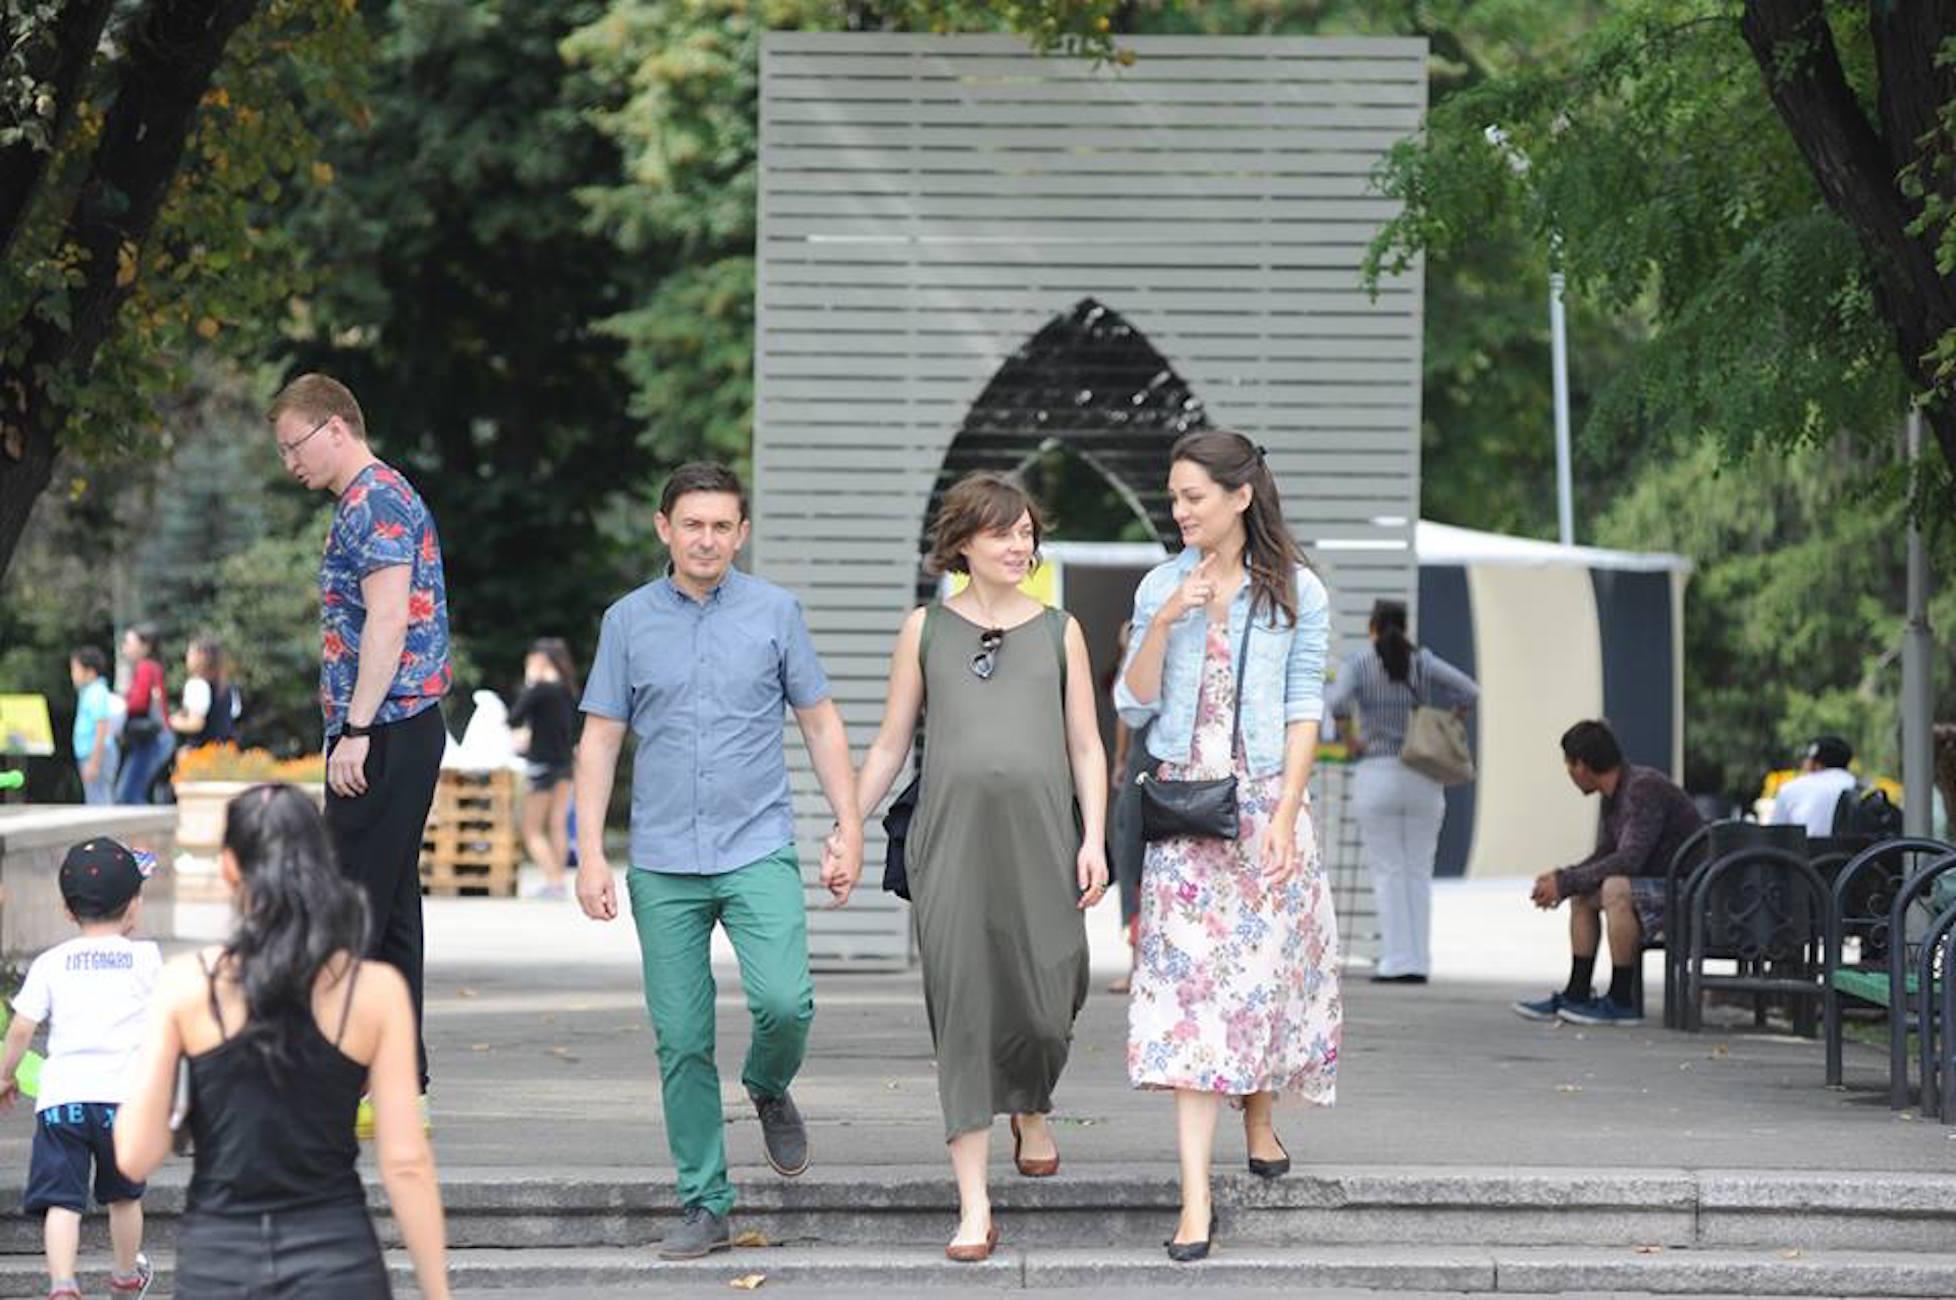 Жители Алматы гуляют по городу в июне прошлого года. Городские власти активизировали меры по борьбе с экстремизмом после смертоносных терактов в 2016 году. [Владимир Третьяков]